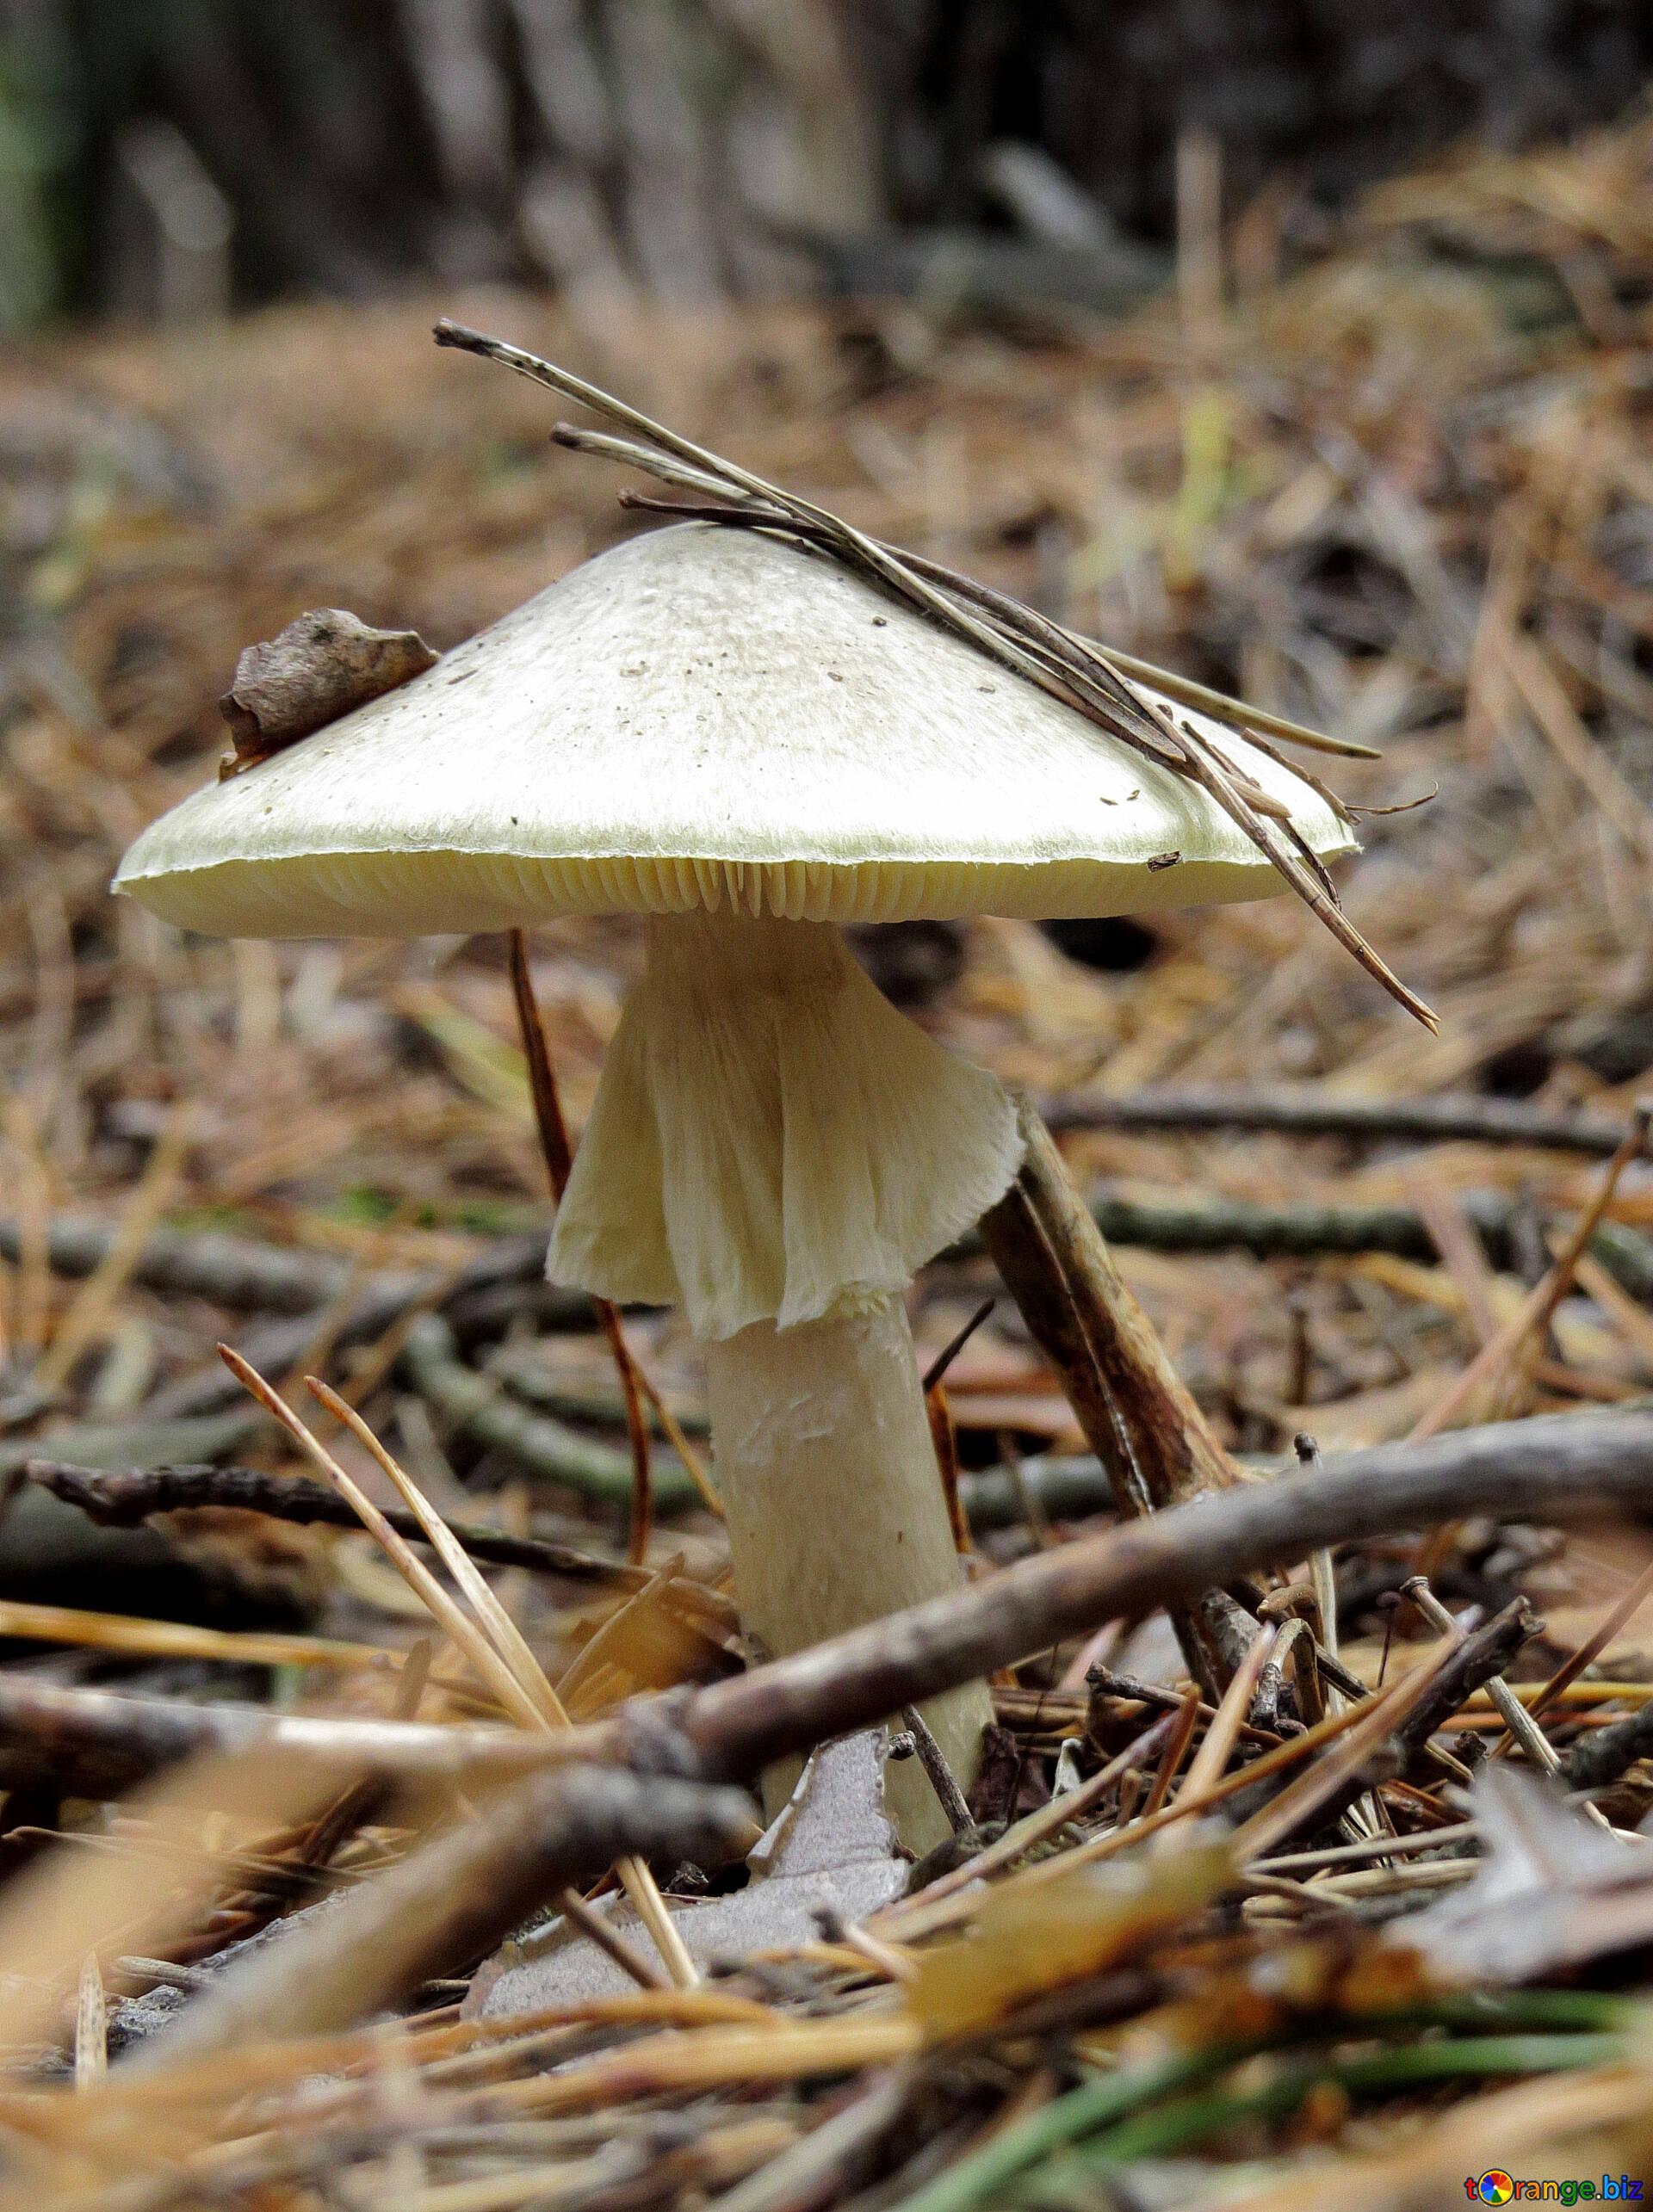 исключение, ядовитые грибы якутии картинки сценарии гоцман был